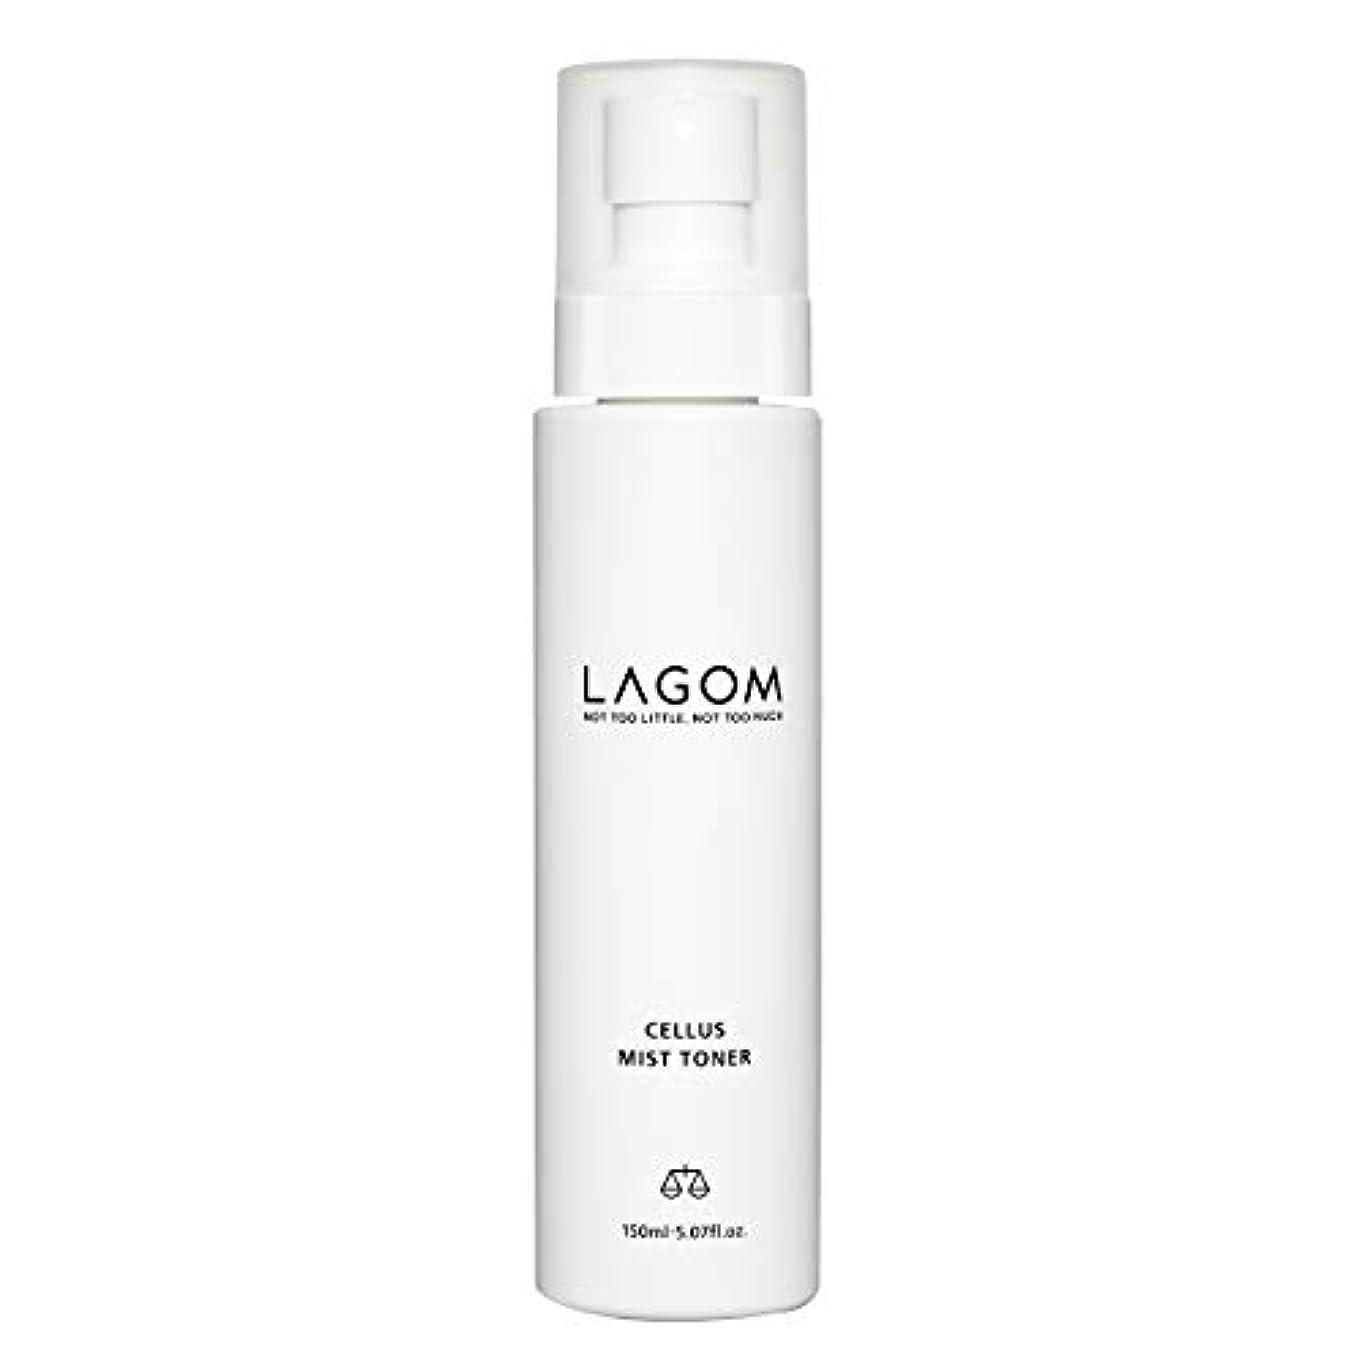 完全に乾く伝説致命的LAGOM(ラゴム) ラゴム ミスト トナー 150ml (化粧水) 日本正規品